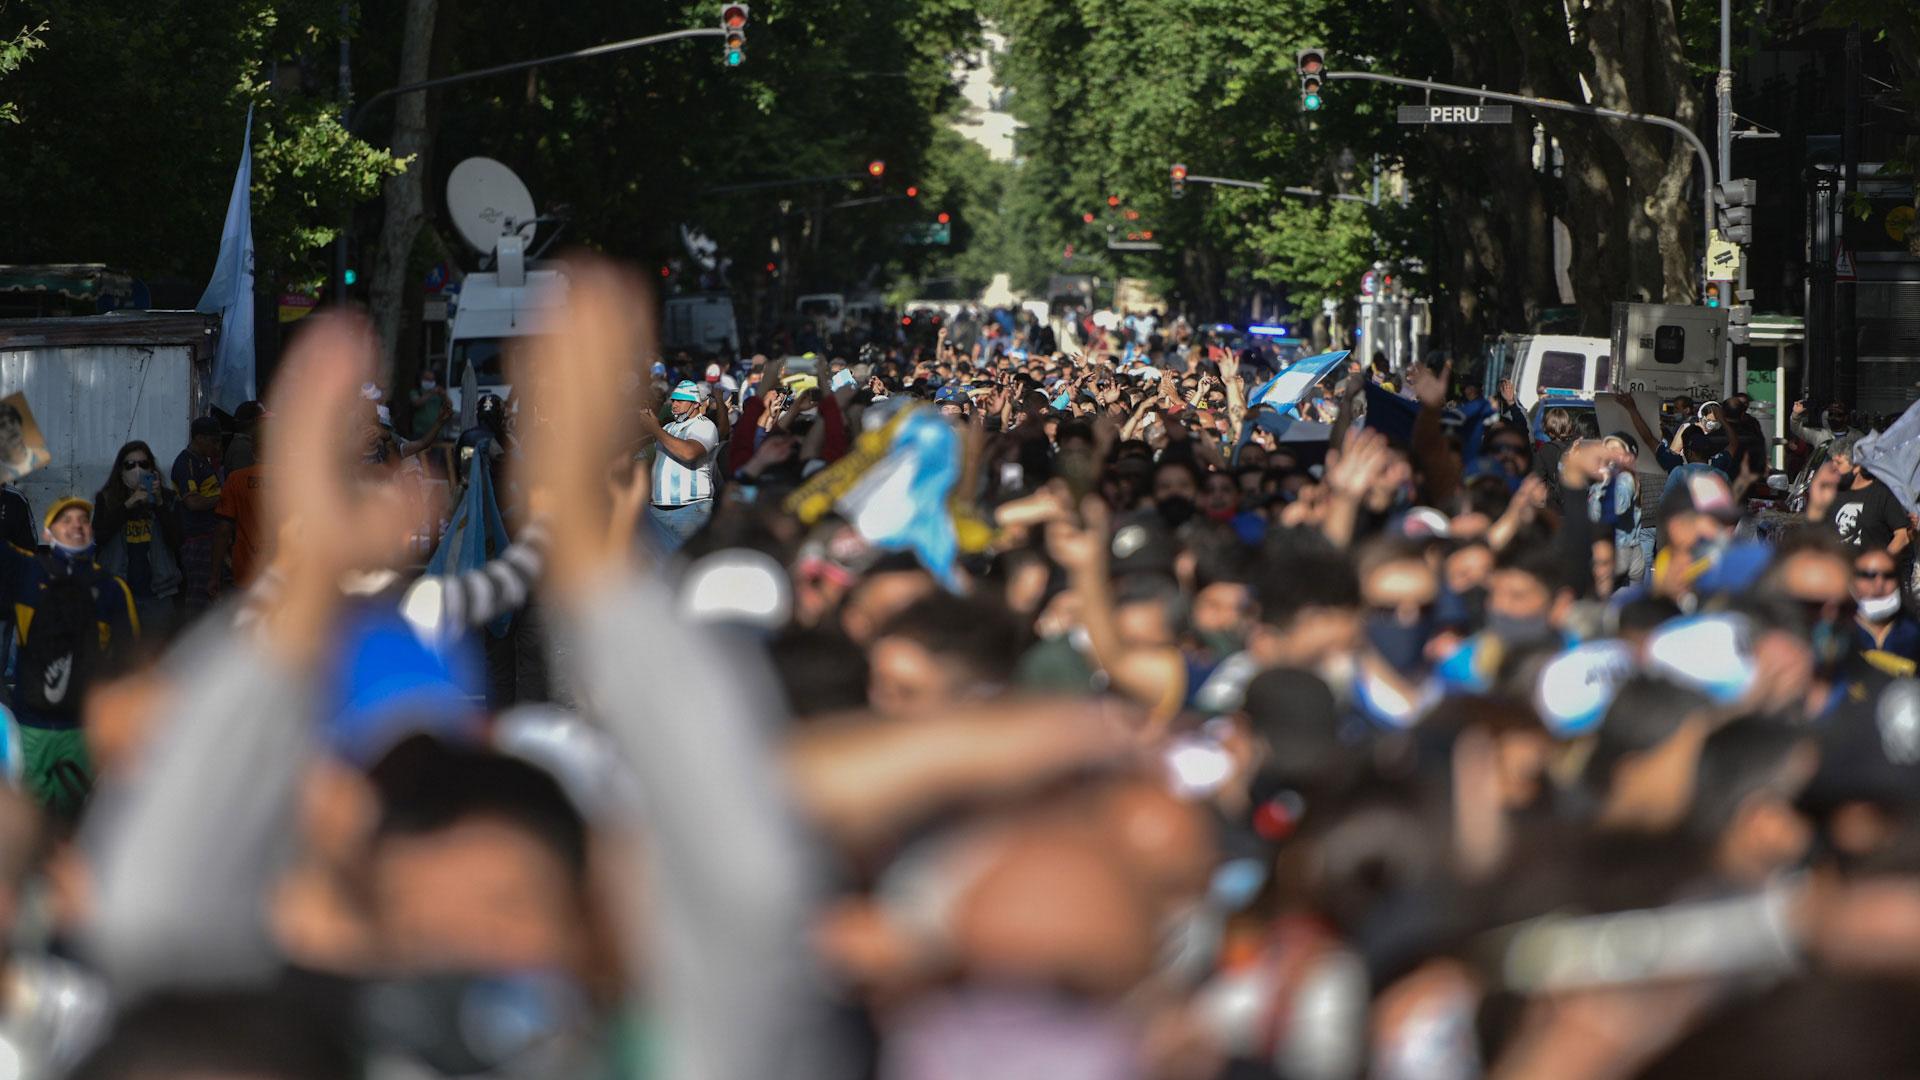 Con el correr de las horas, la fila de personas se hizo cada vez más extensa